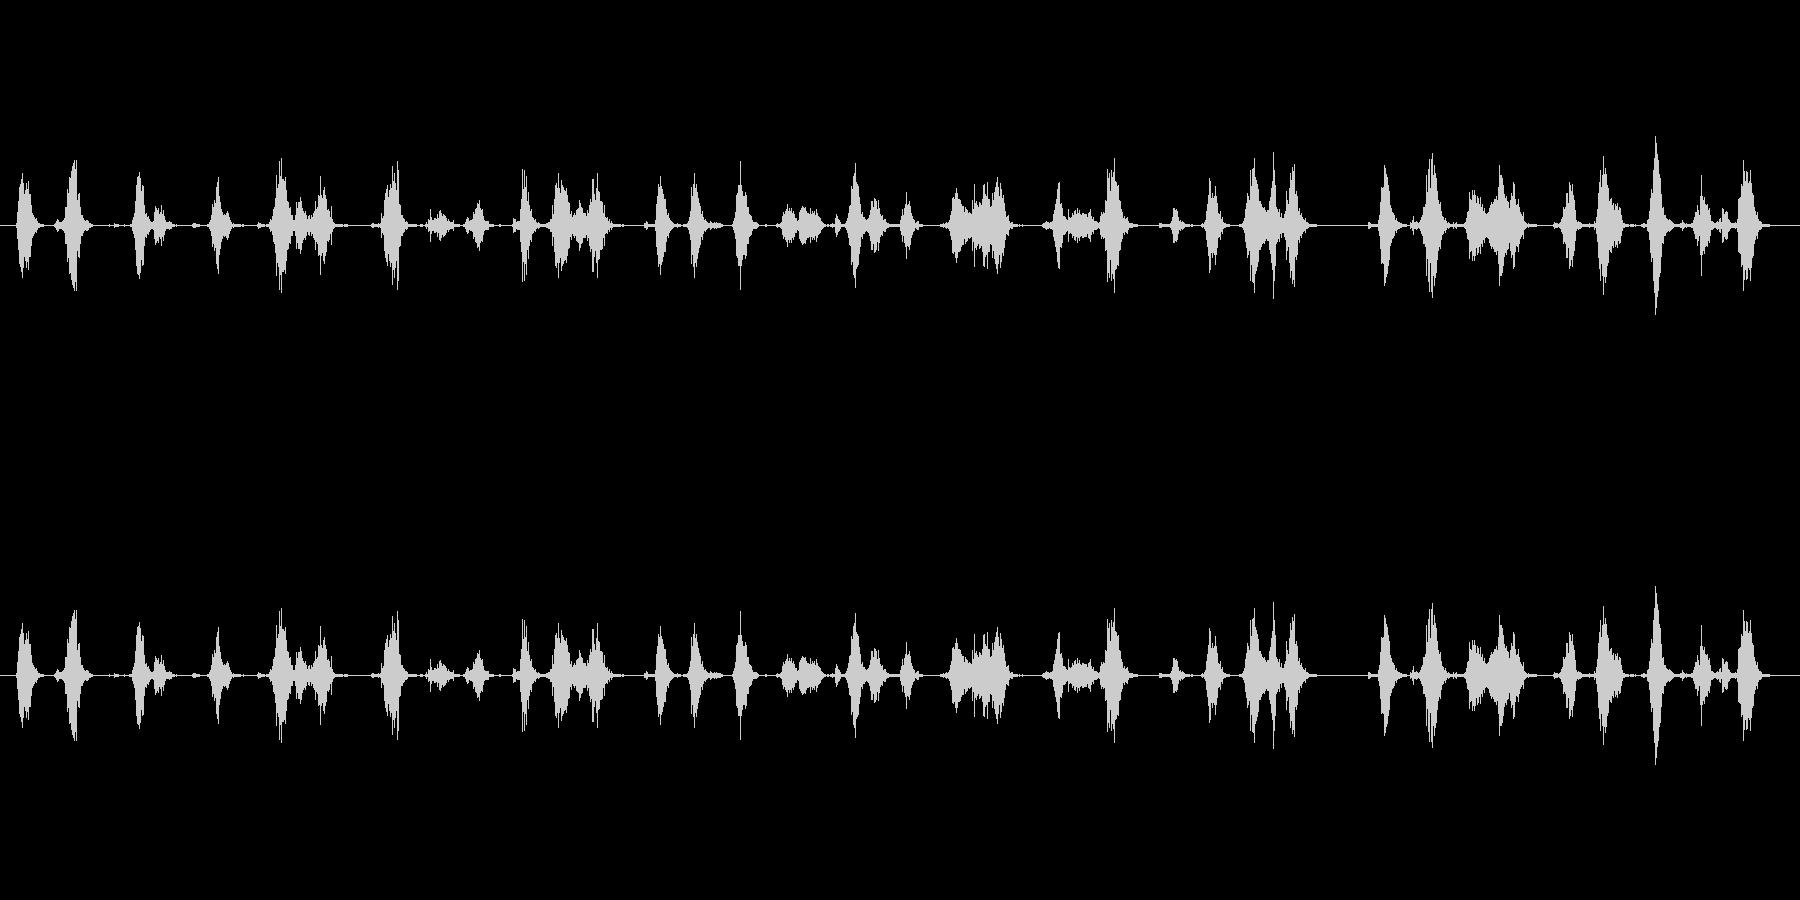 【ボールペン01-02(書く)】の未再生の波形